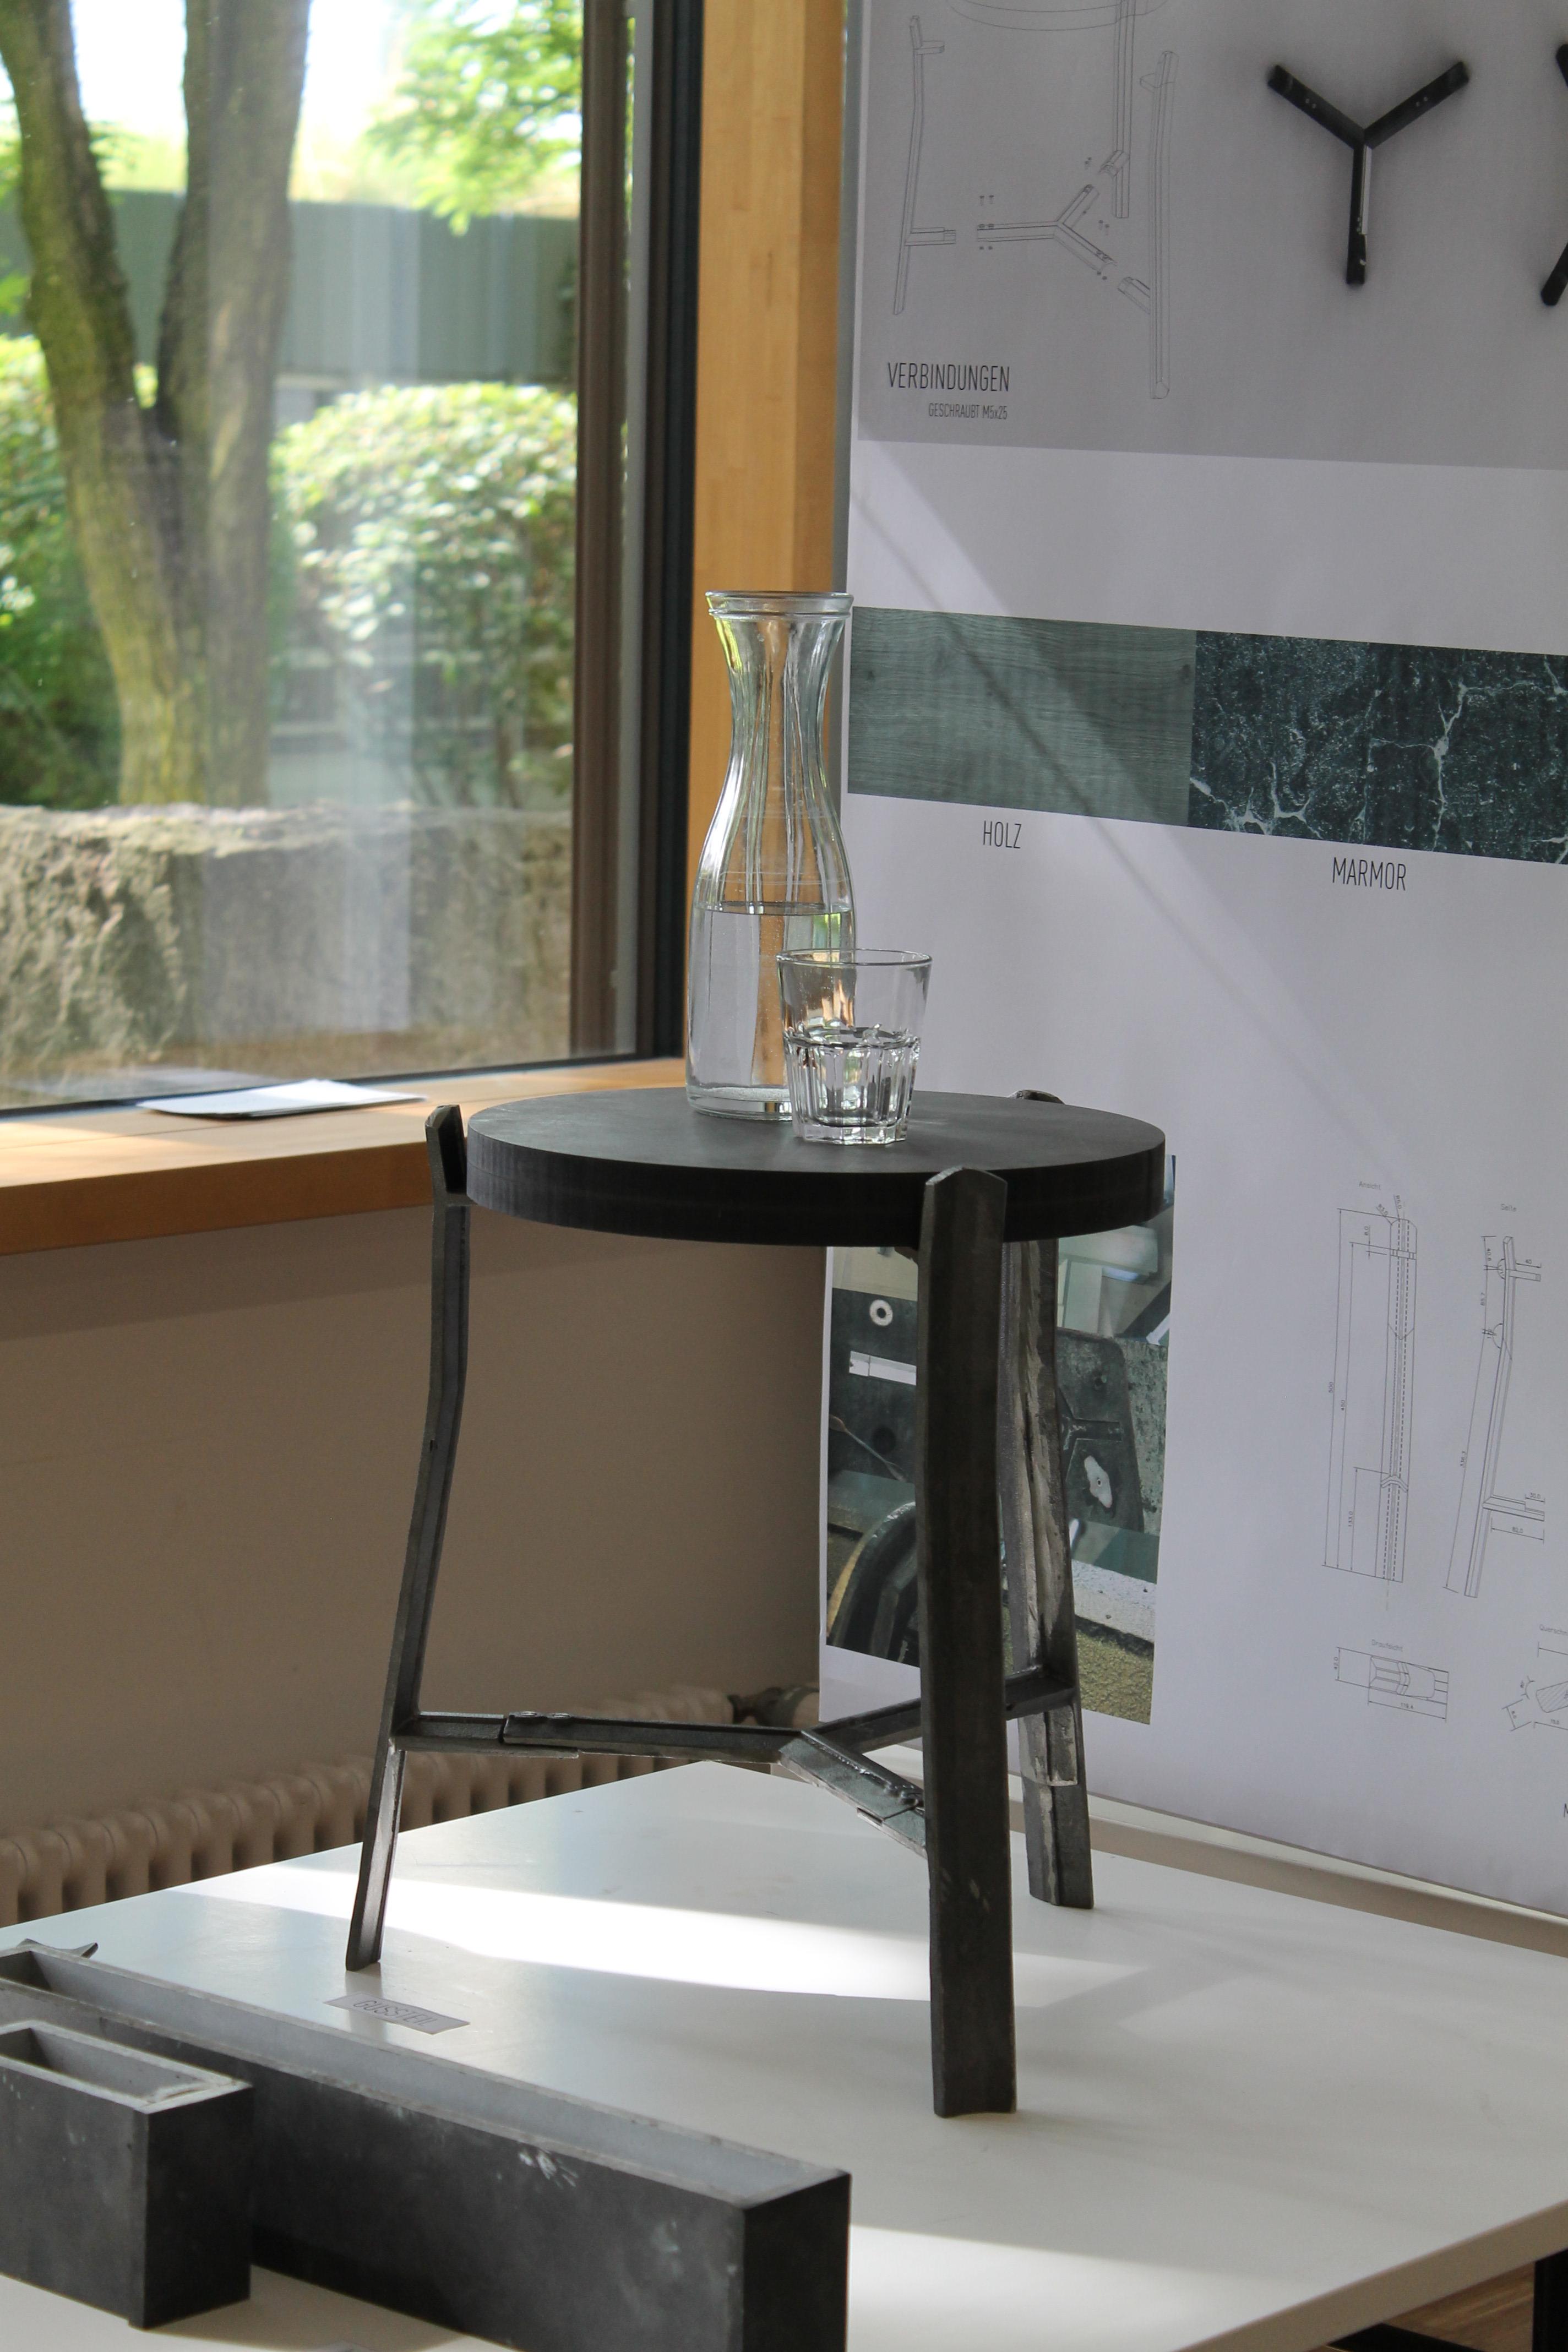 Innenarchitektur Fachhochschule innenarchitektur fachhochschule sammlung haus design und